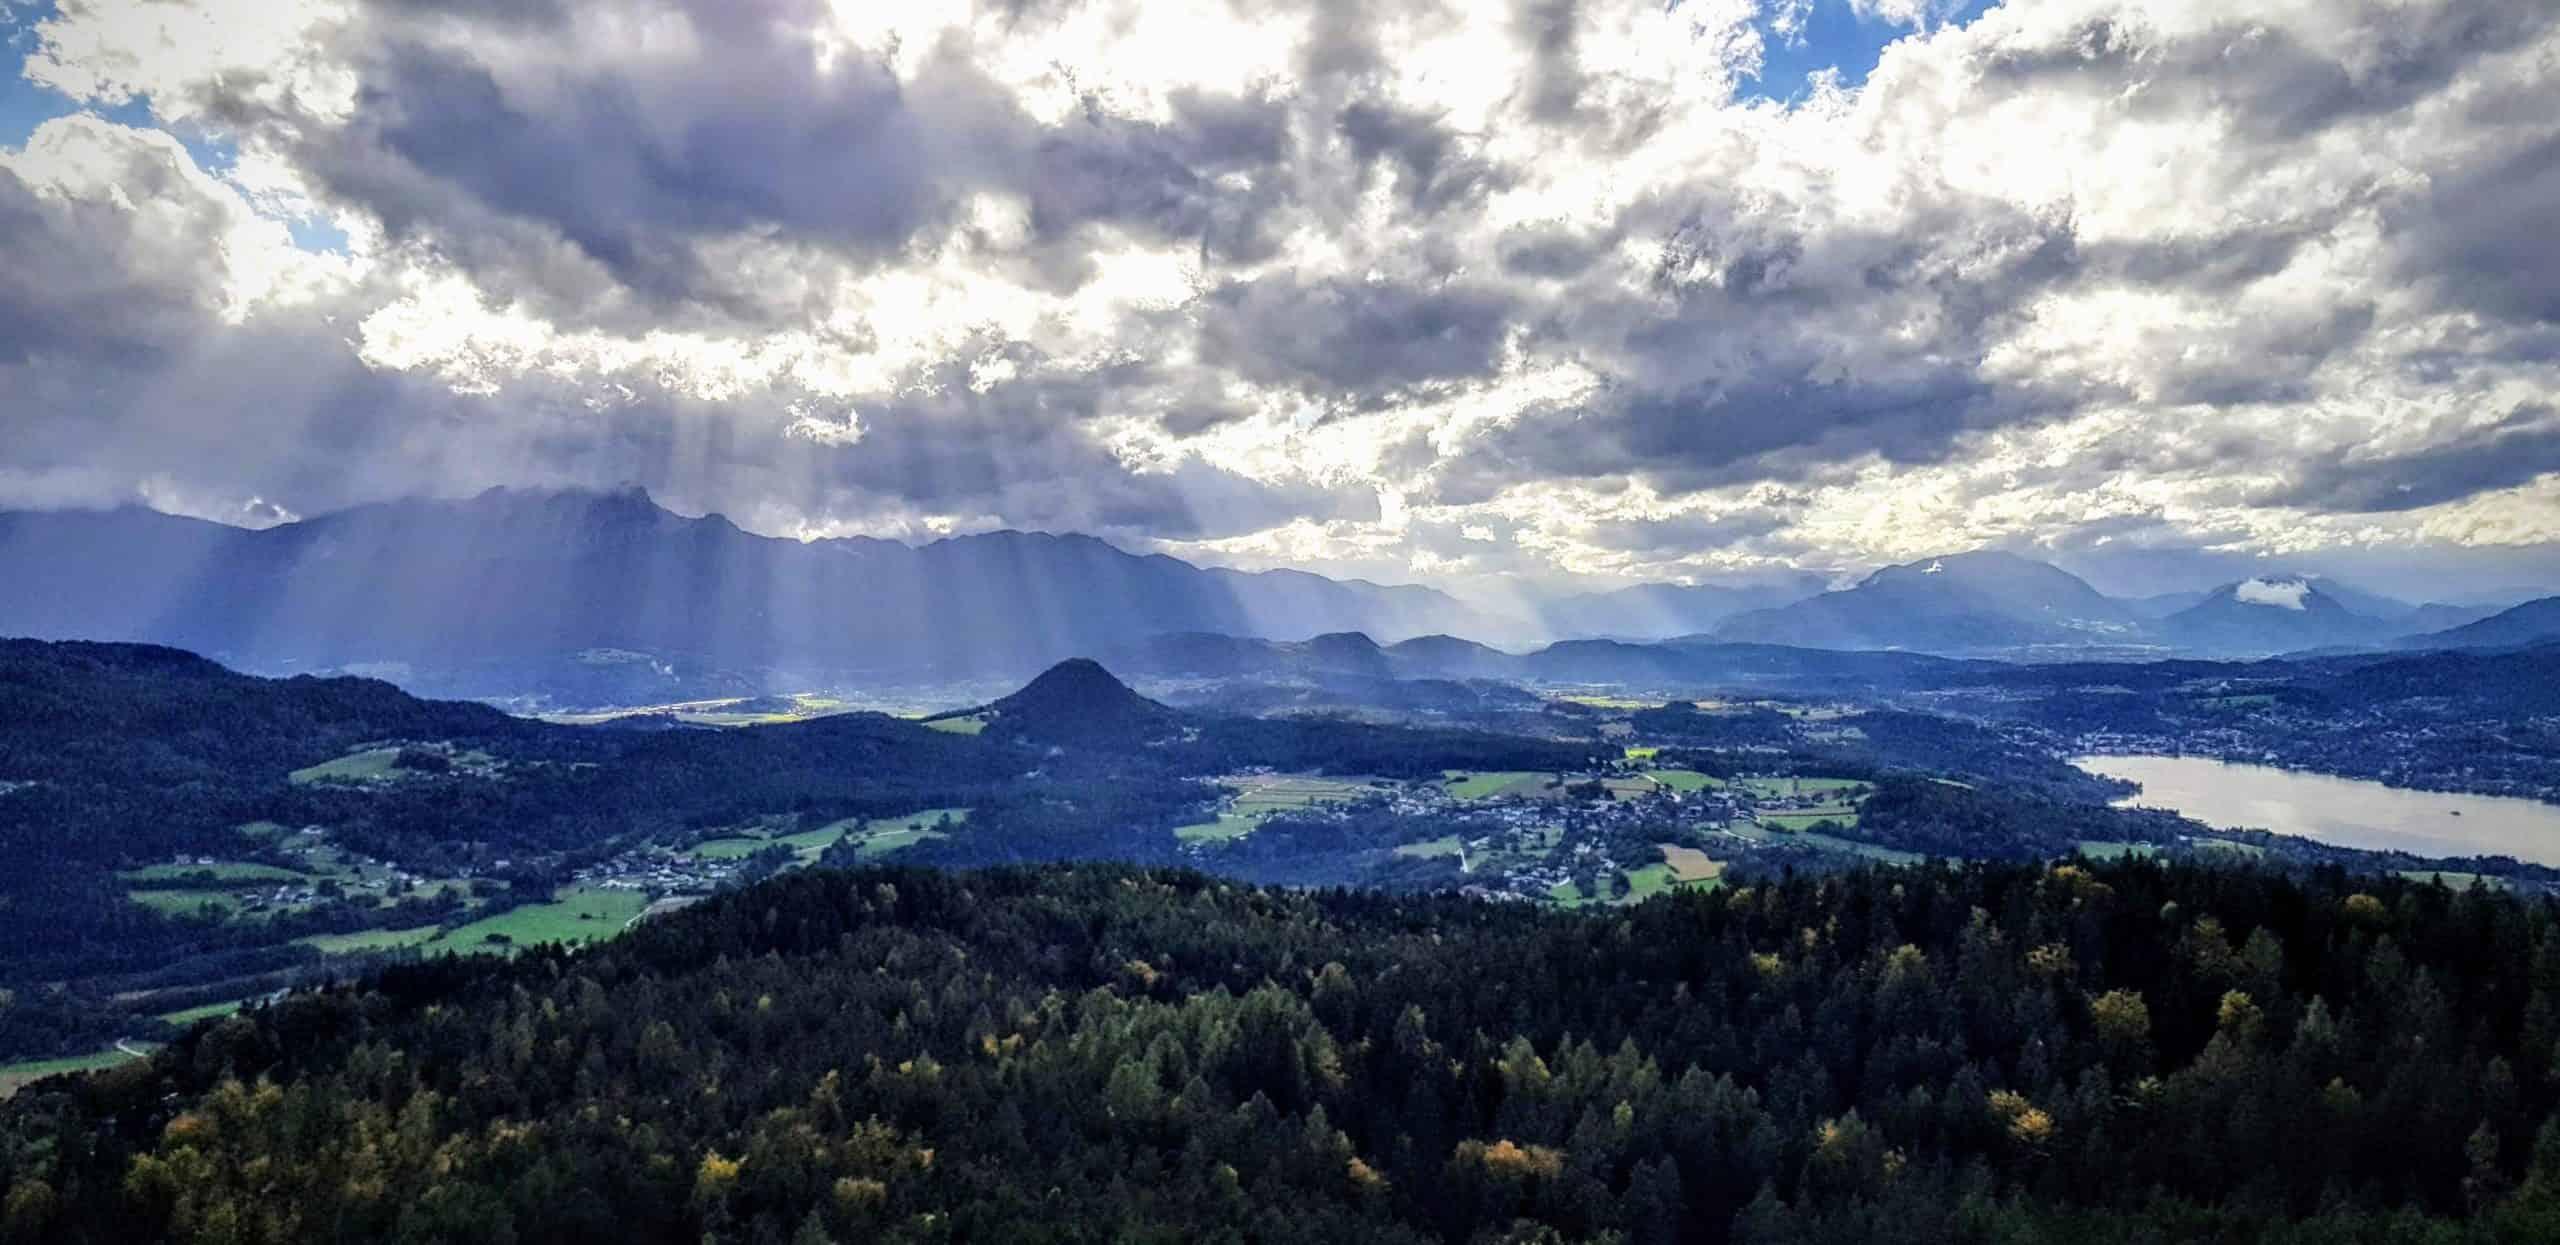 Regen und Wolken bei Ausflug auf Aussichtsturm Pyramidenkogel. Blick auf Velden am Wörthersee, Julische Alpen Richtung Italien und Dobratsch in Österreich